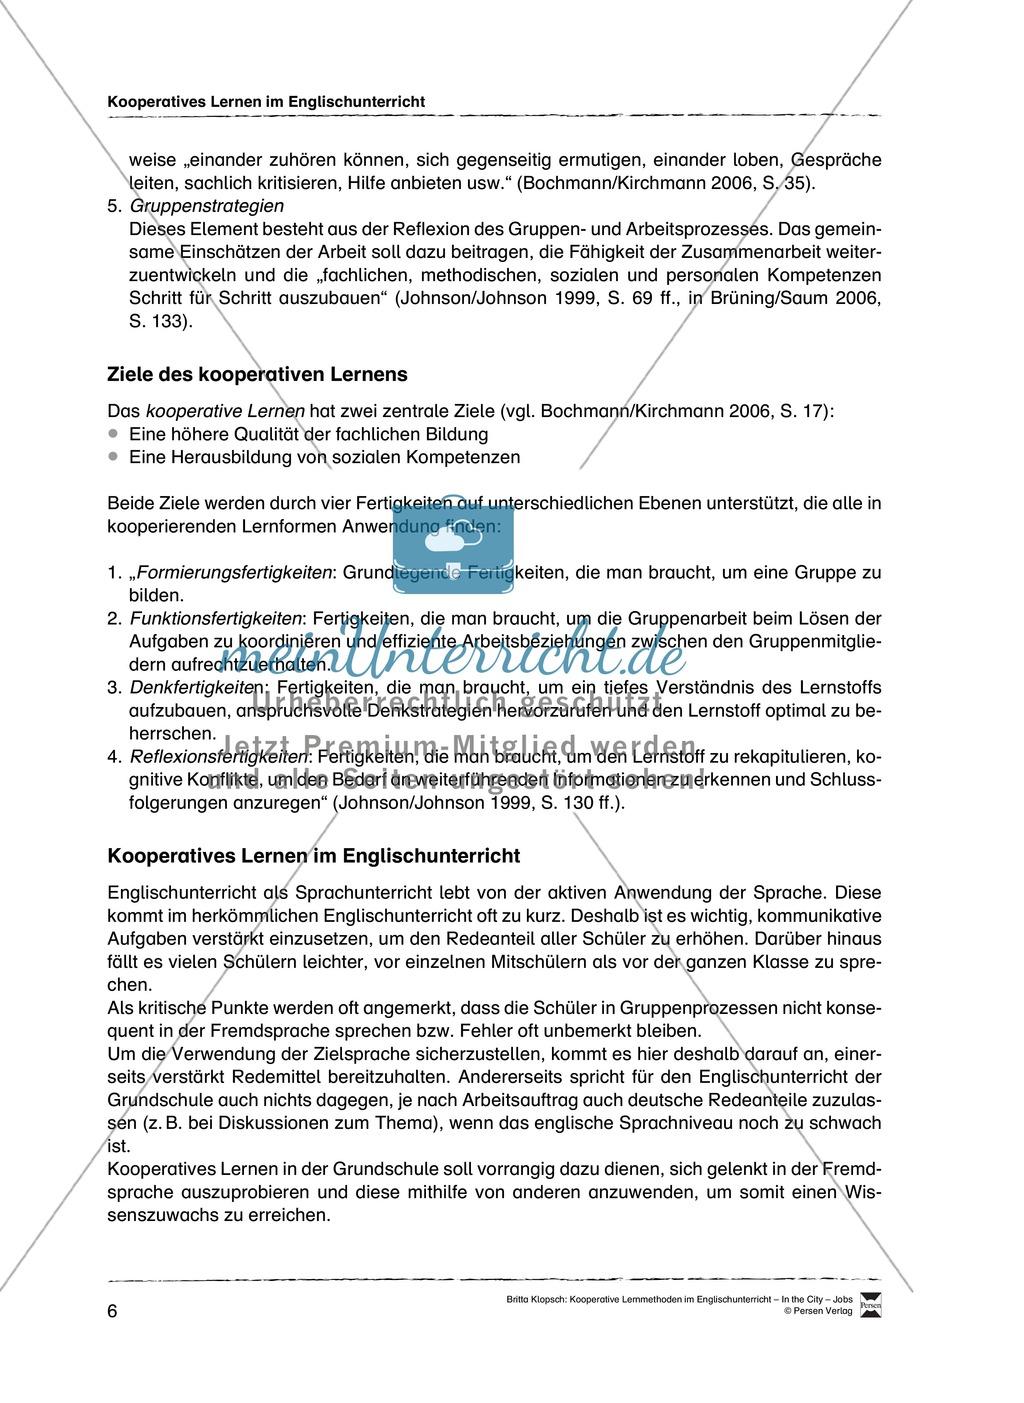 Kooperatives Lernen im Englischunterricht: Grundlagen + Ziele + Methoden Preview 1